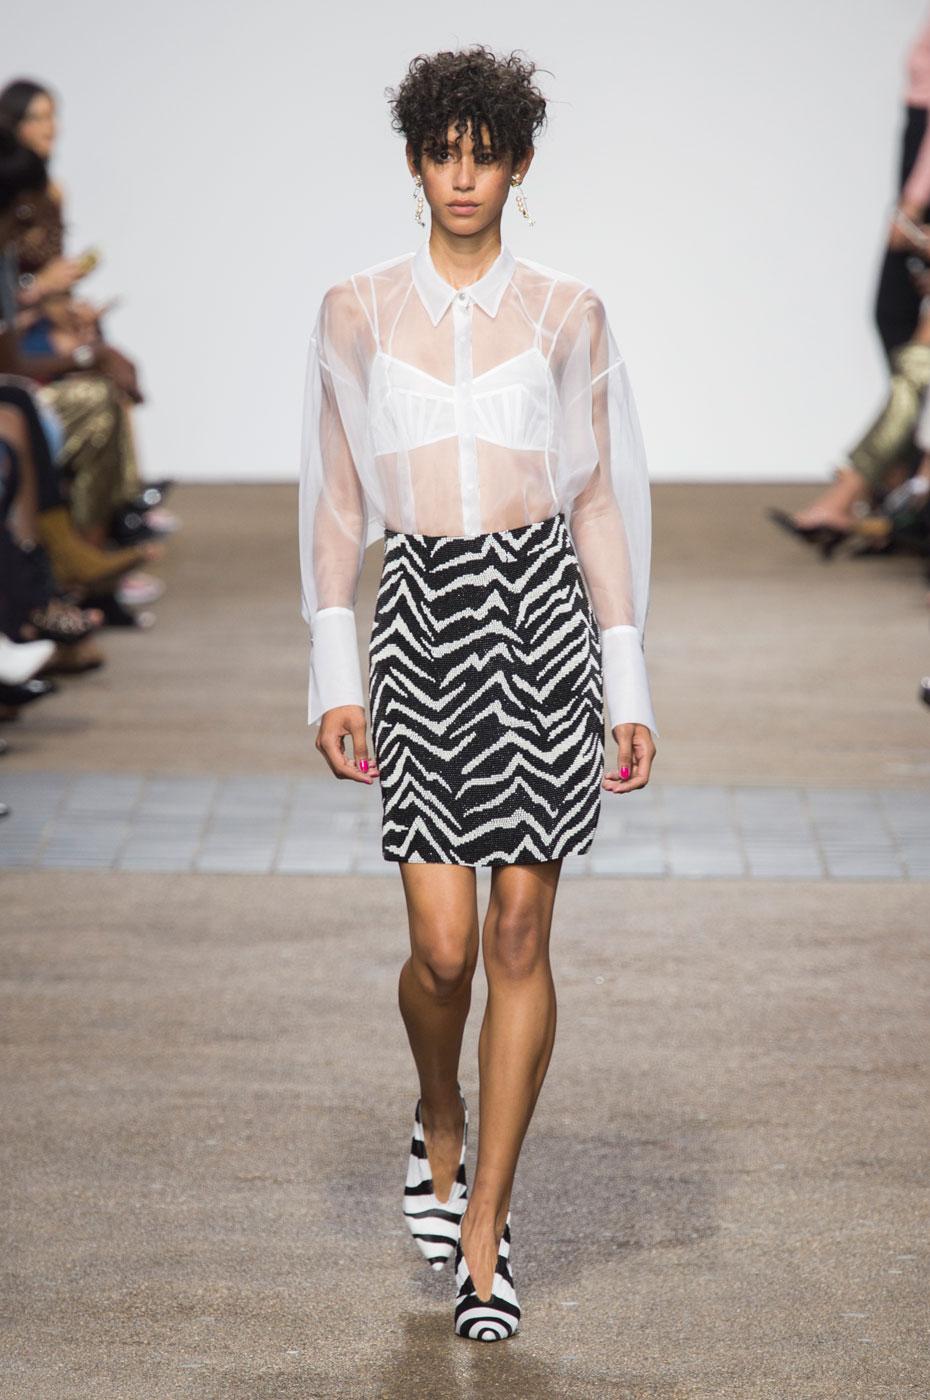 ... 2017 - Dilone, nouvelle star des podiums de la Fashion Week - Elle